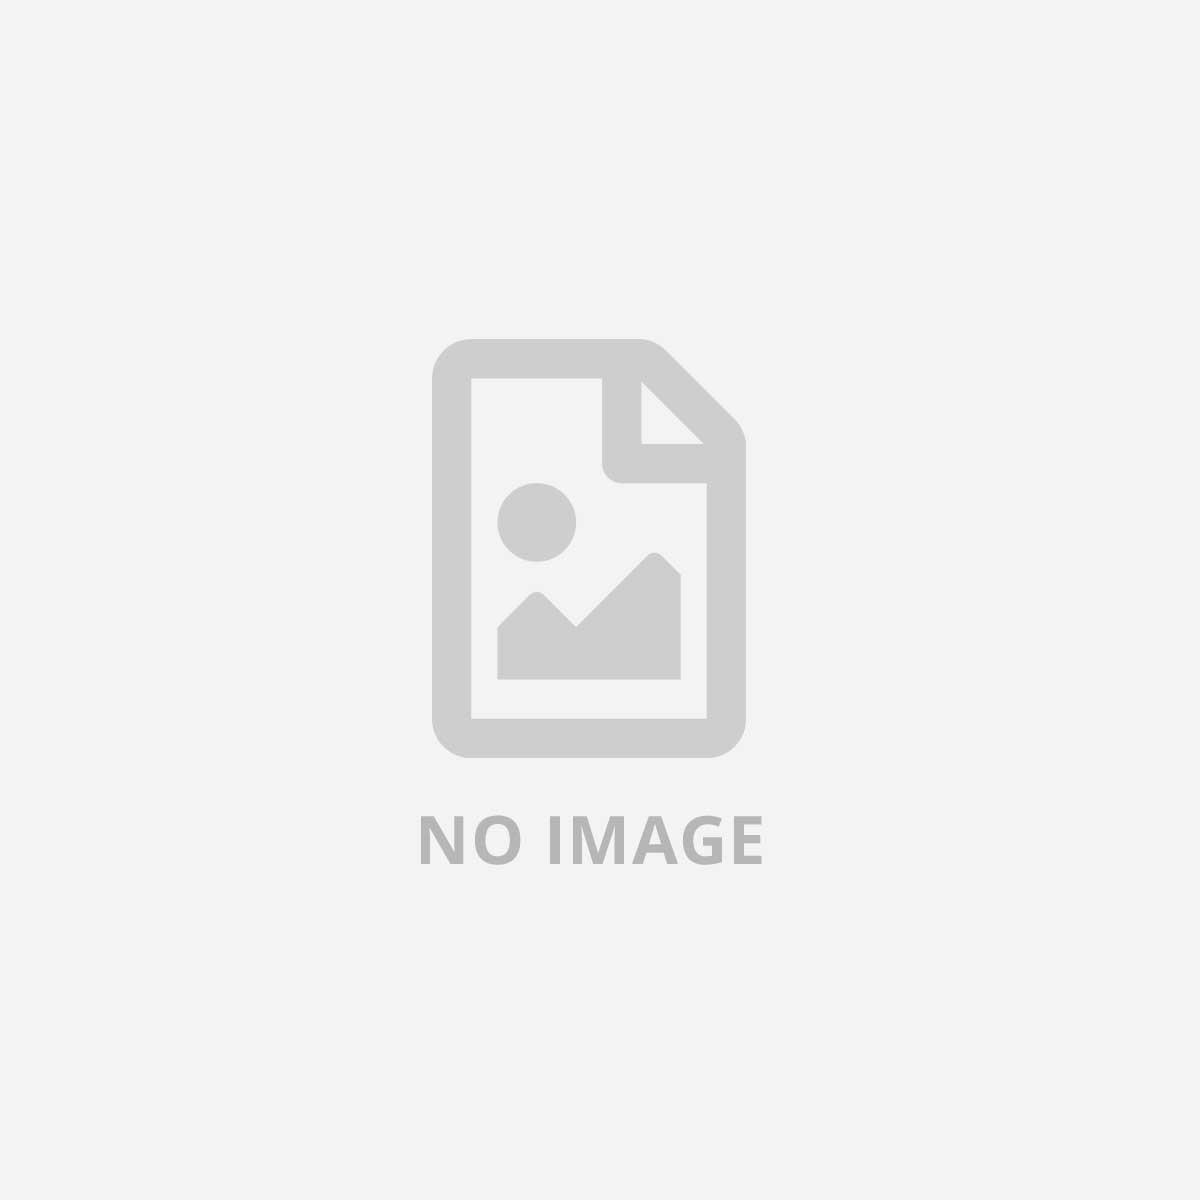 RIGENERATO PC HP ELITE 6200 SFF I3/4G/320G